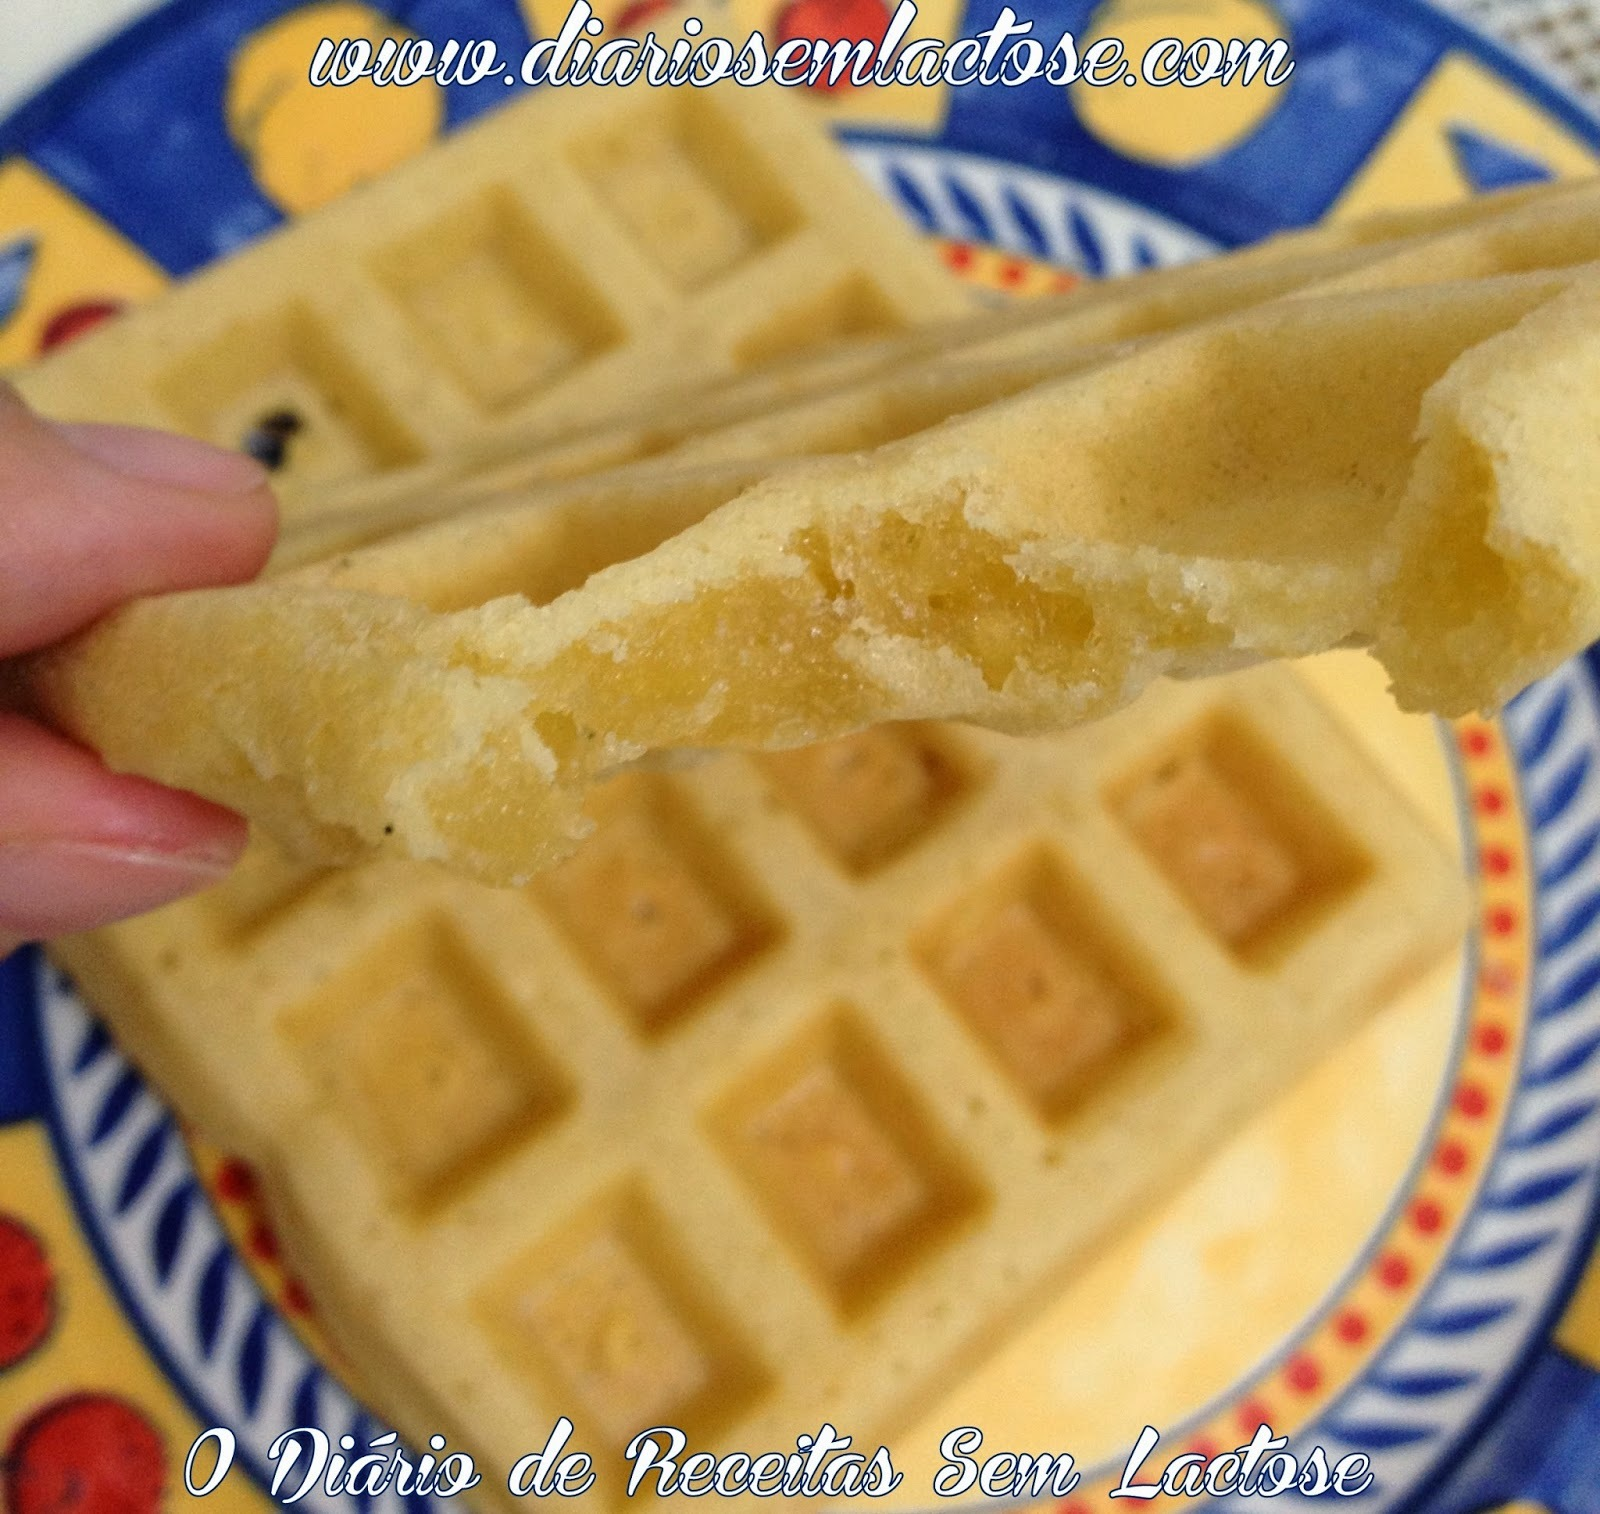 da para fazer waffle na sanduicheira